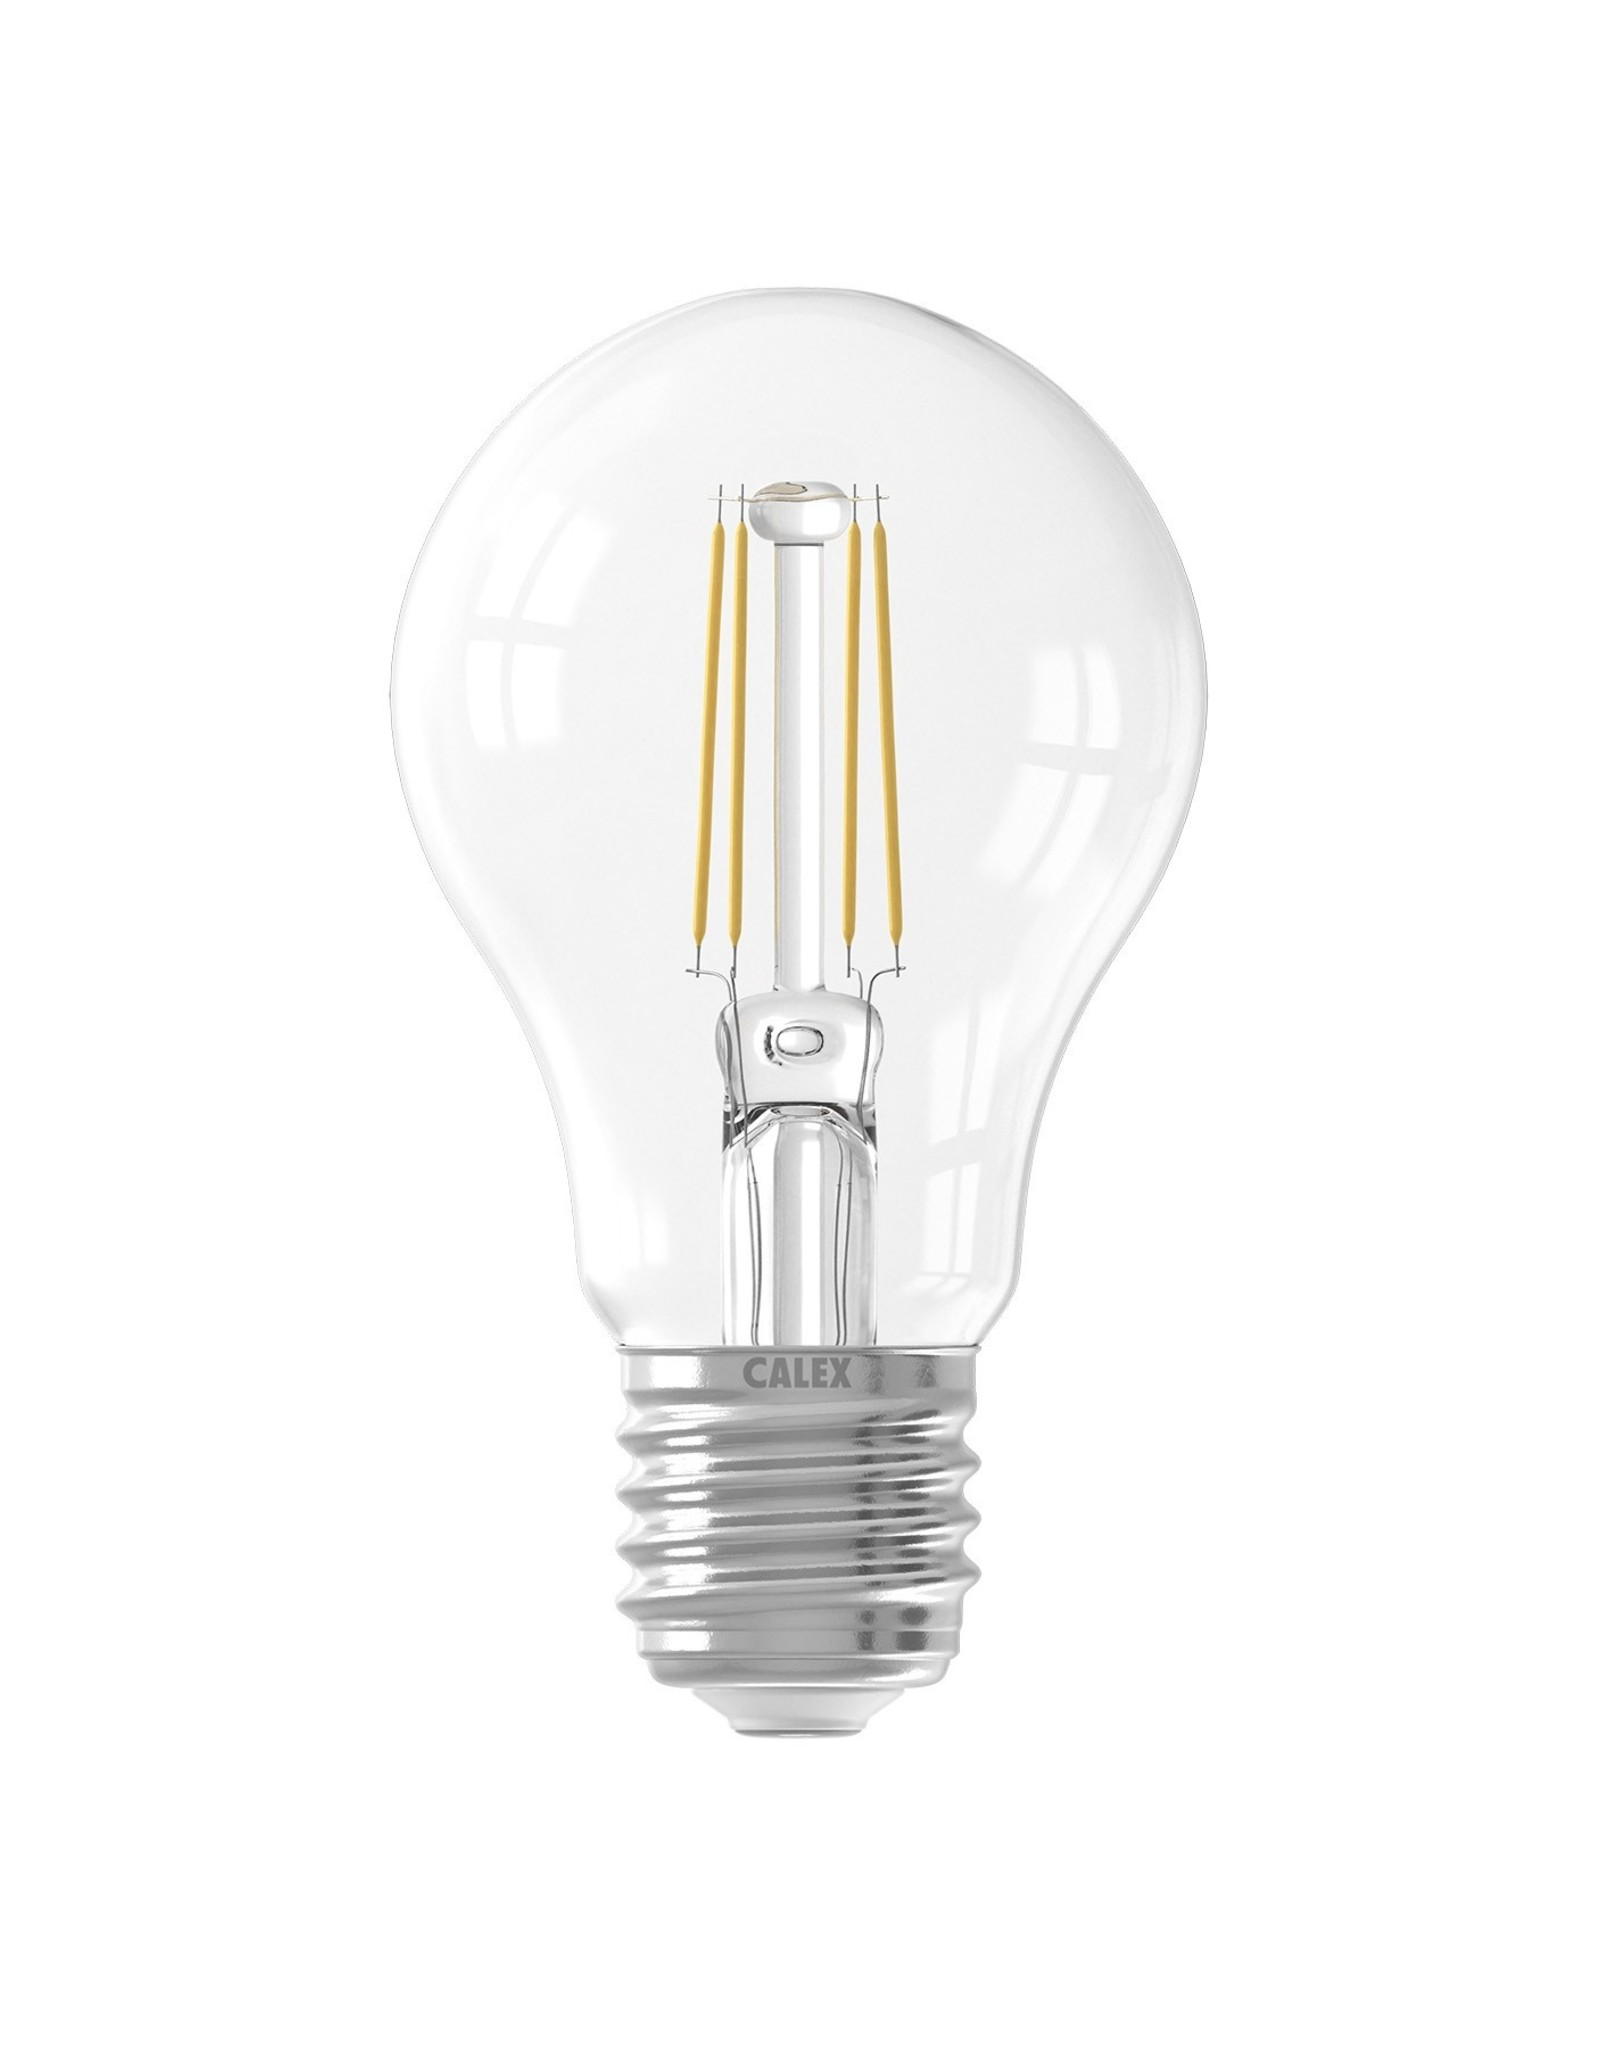 Calex LED A60 4W 230V E27 2700K helder dimbaar